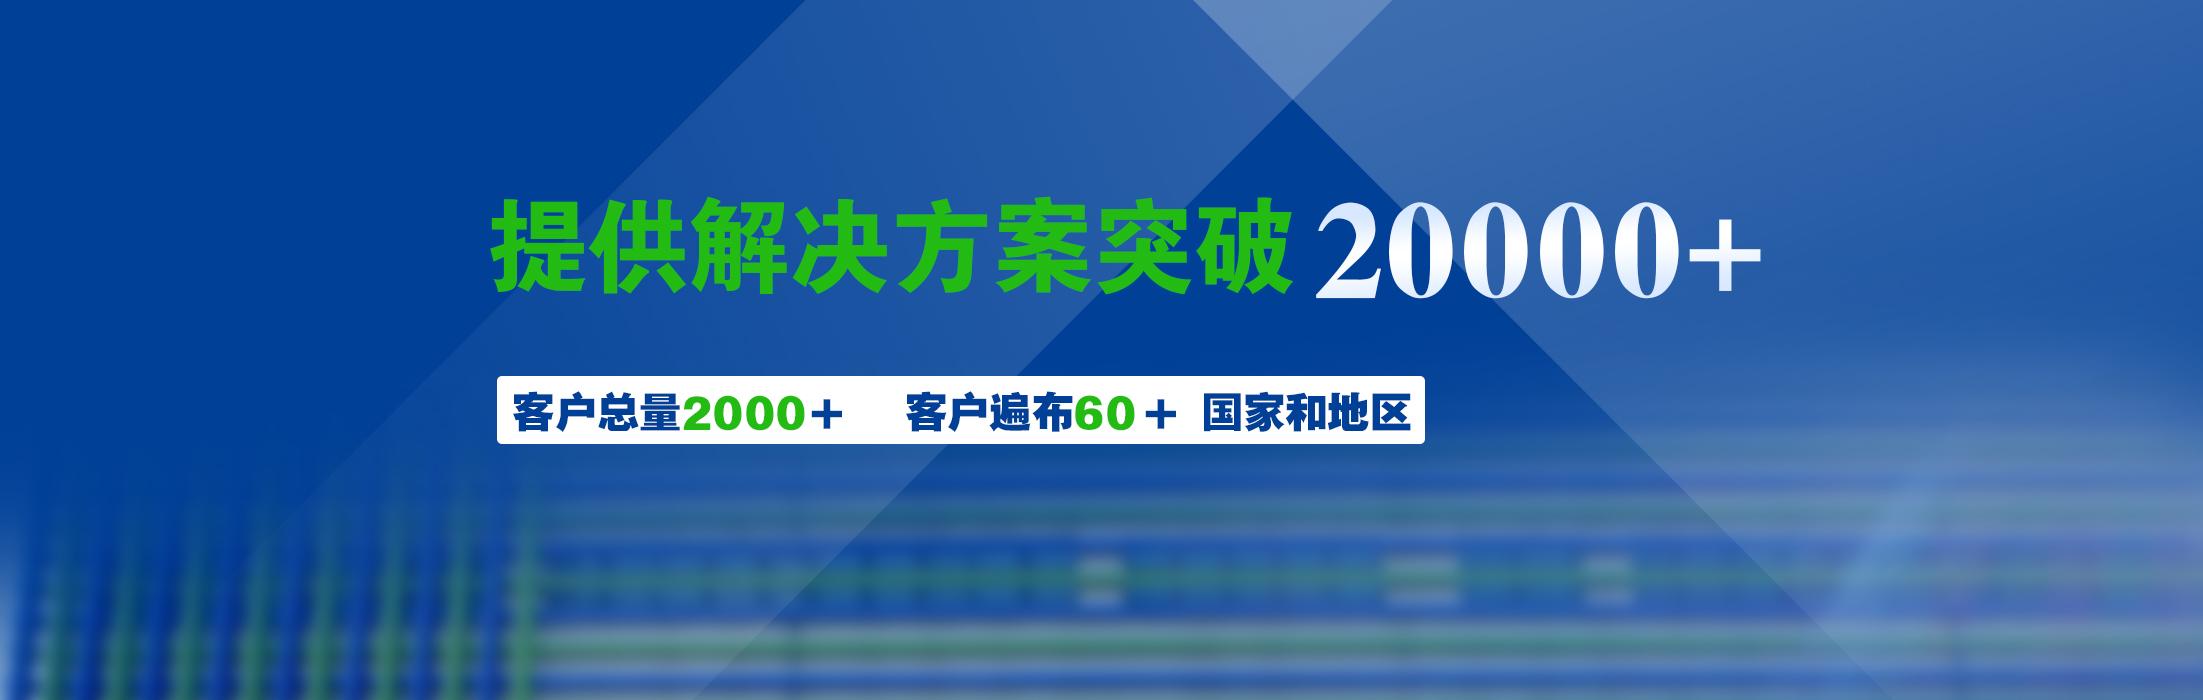 米乐m6电竞竞猜m6米乐app官网下载20000+客户案例